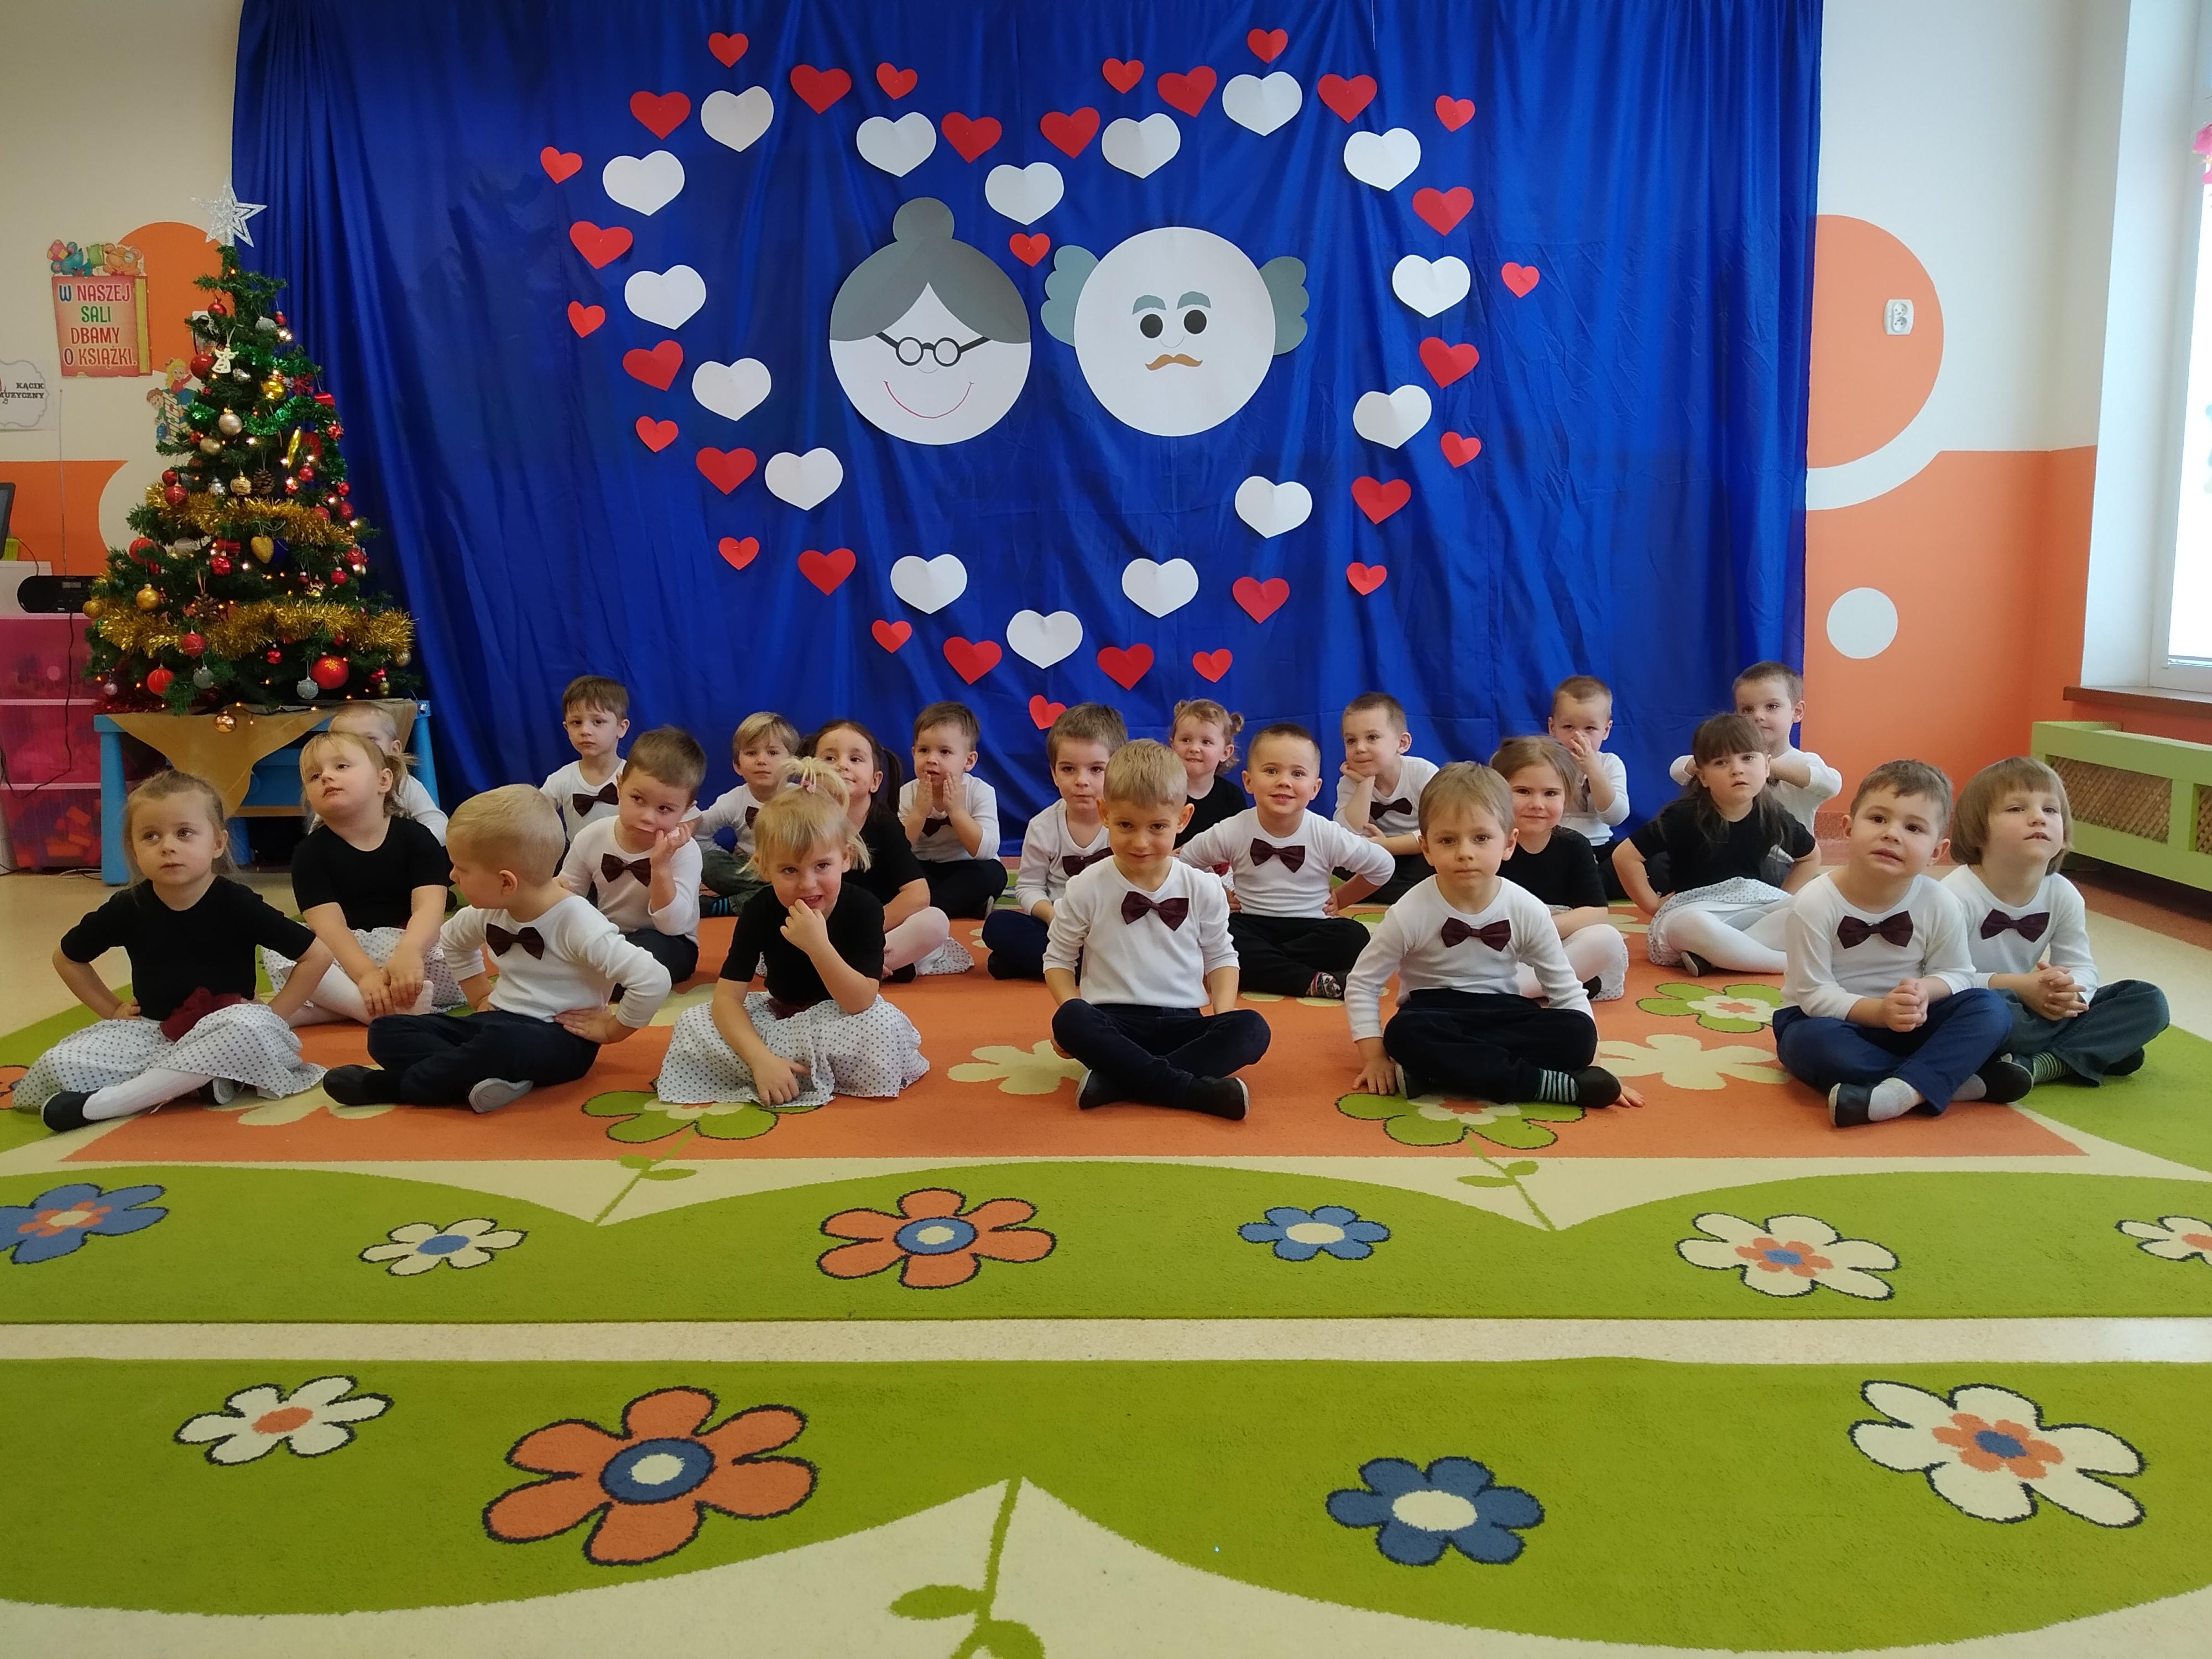 zdjęcie grupy